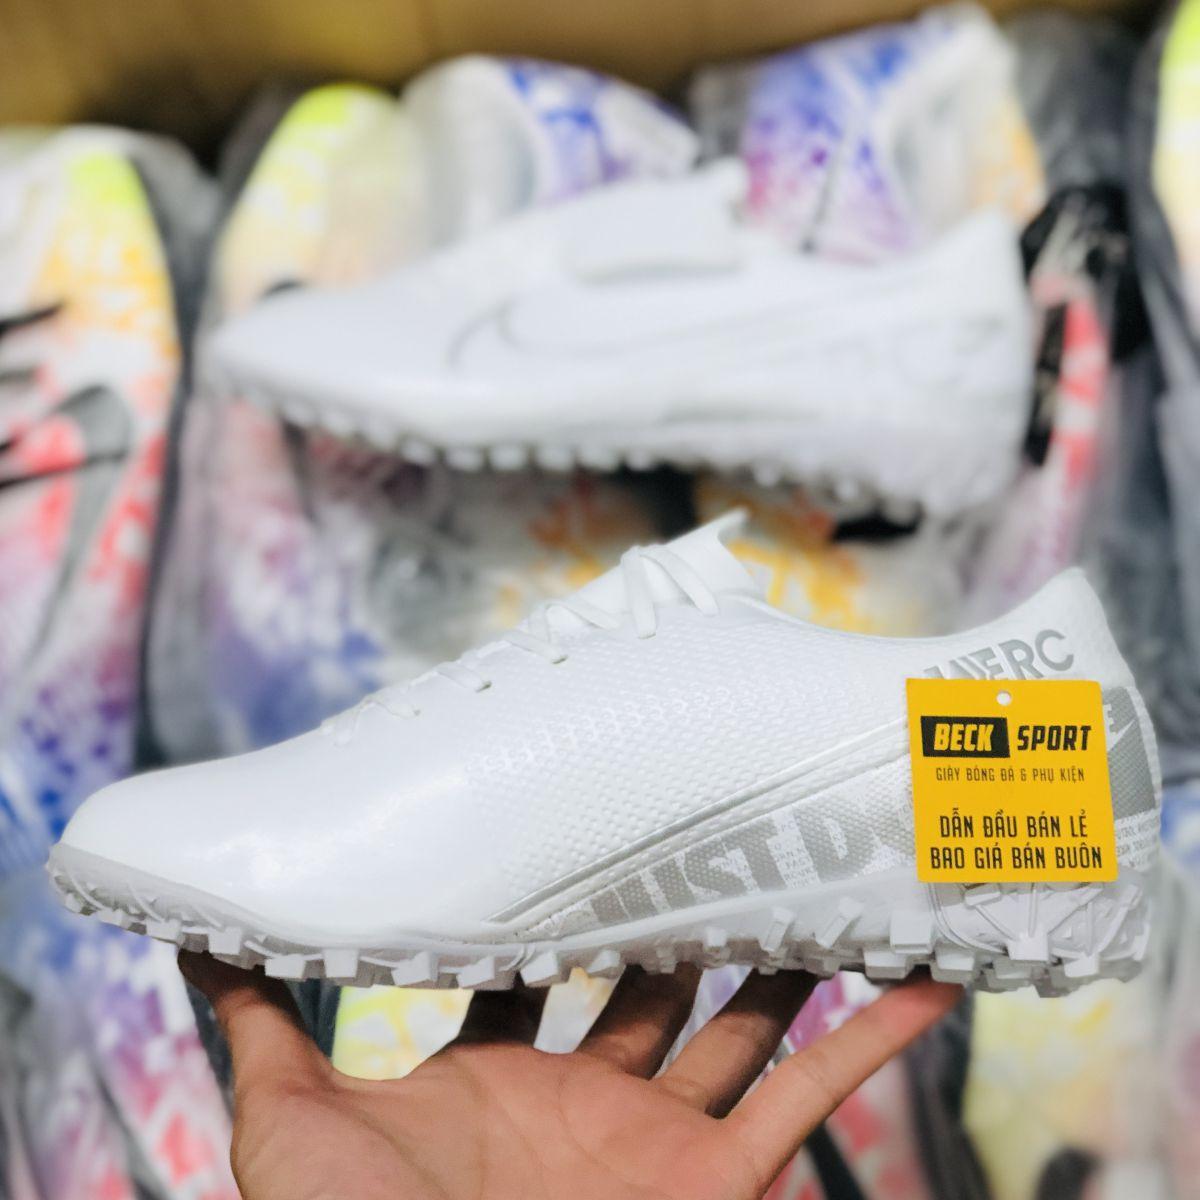 Giày Bóng Đá Trẻ Em Nike Mercurial Vapor 13 Academy Trắng Vạch Xám Đế Xám TF